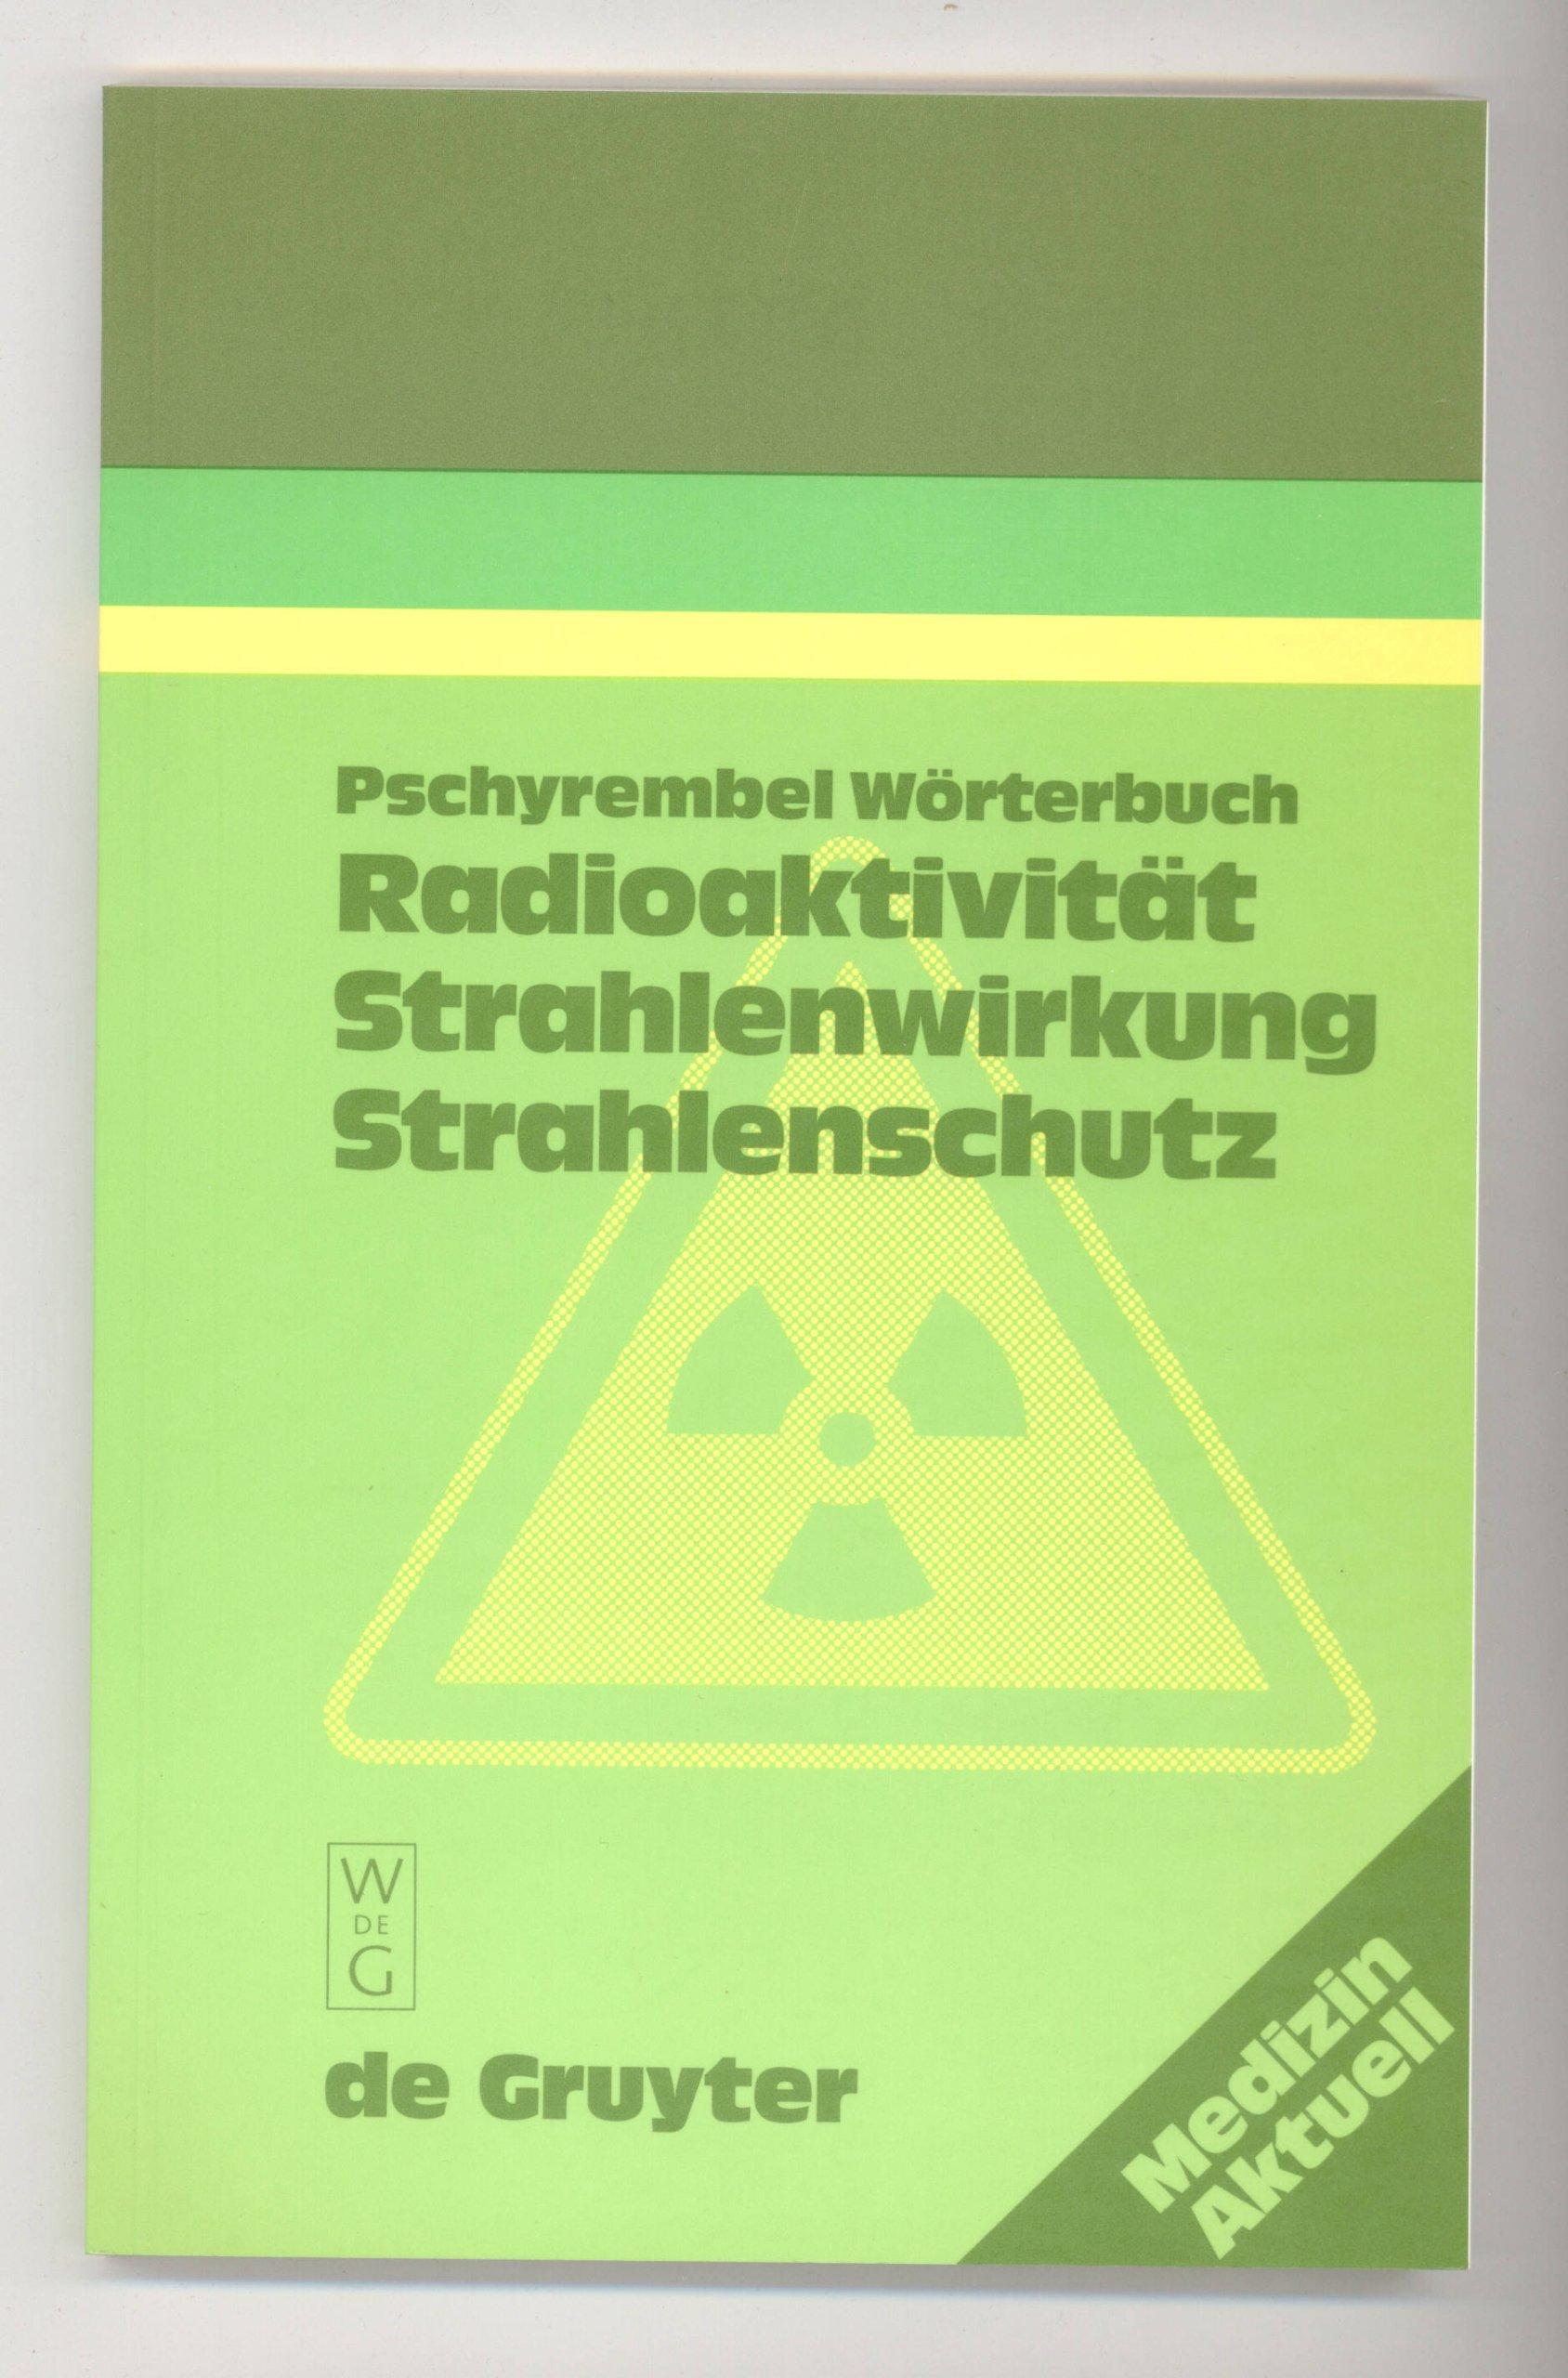 Pschyrembel-Wörterbuch Radioaktivität, Strahlenwirkung, Strahlenschutz